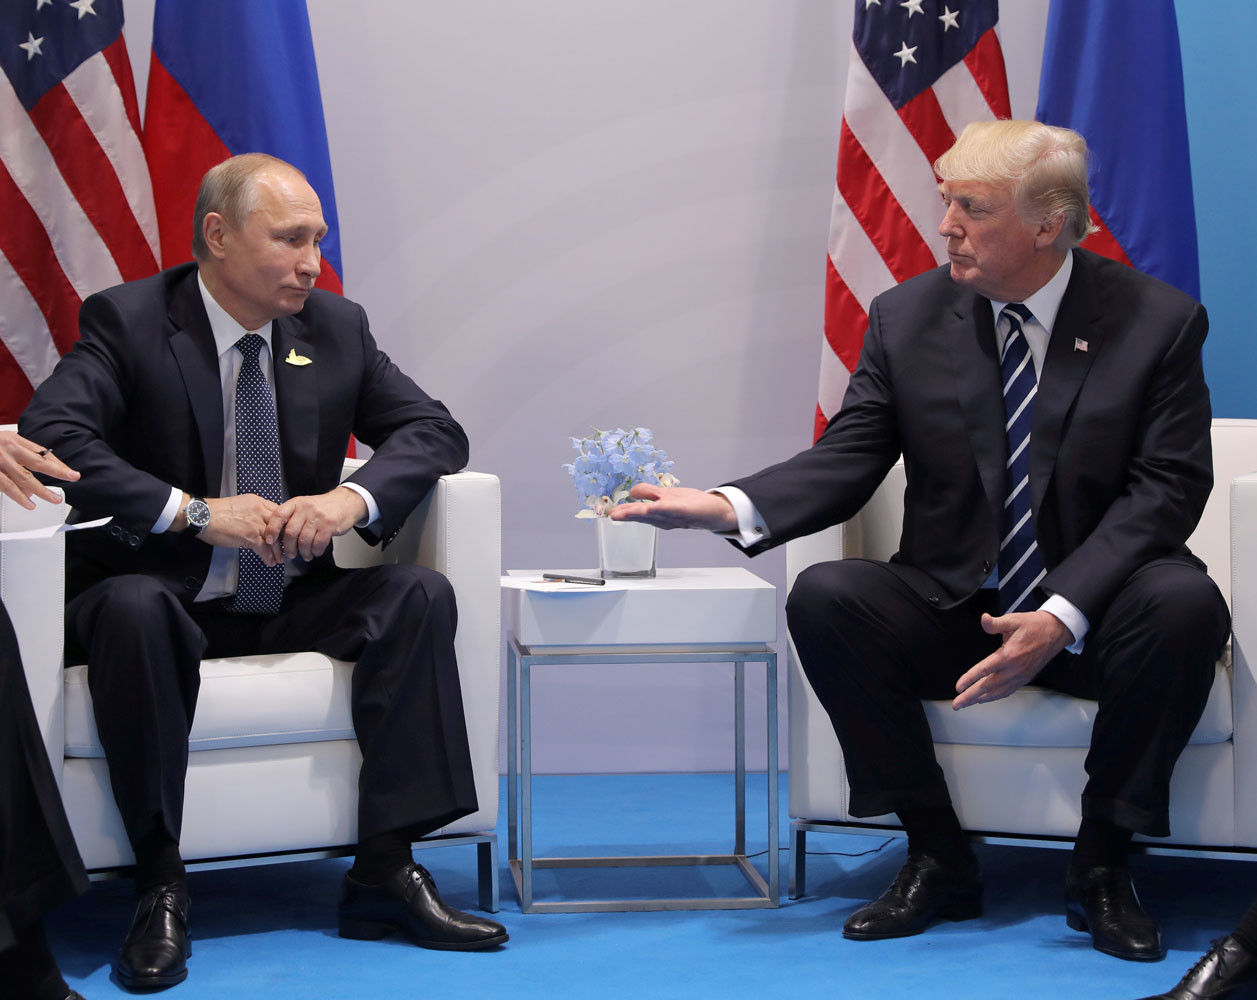 Два часа на высшем уровне: как прошла первая встреча Путина и Трампа